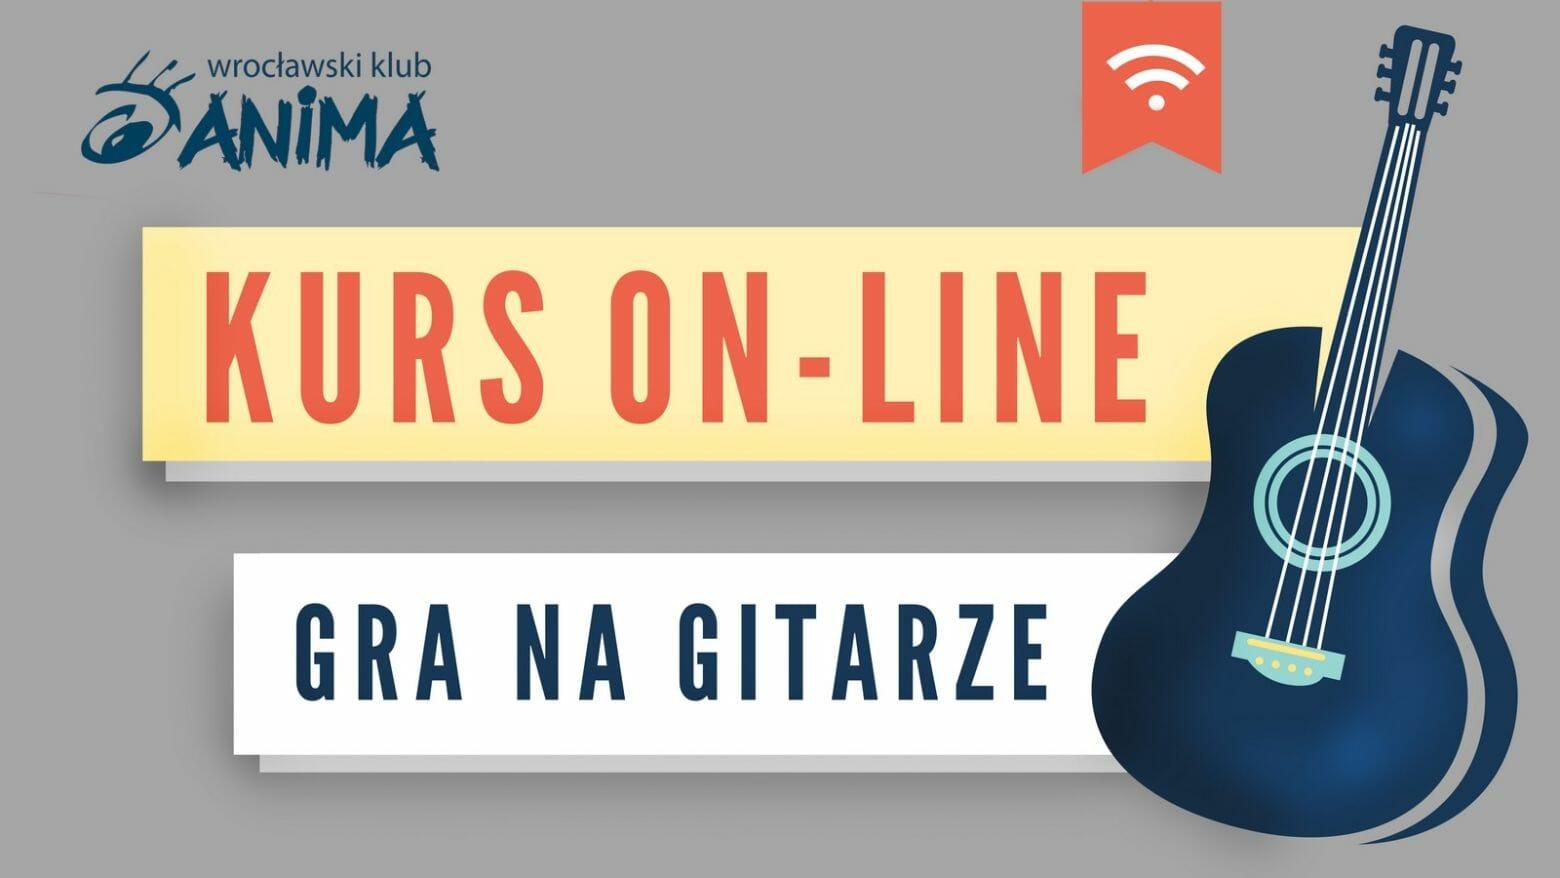 Kurs gitary dla początkujących online